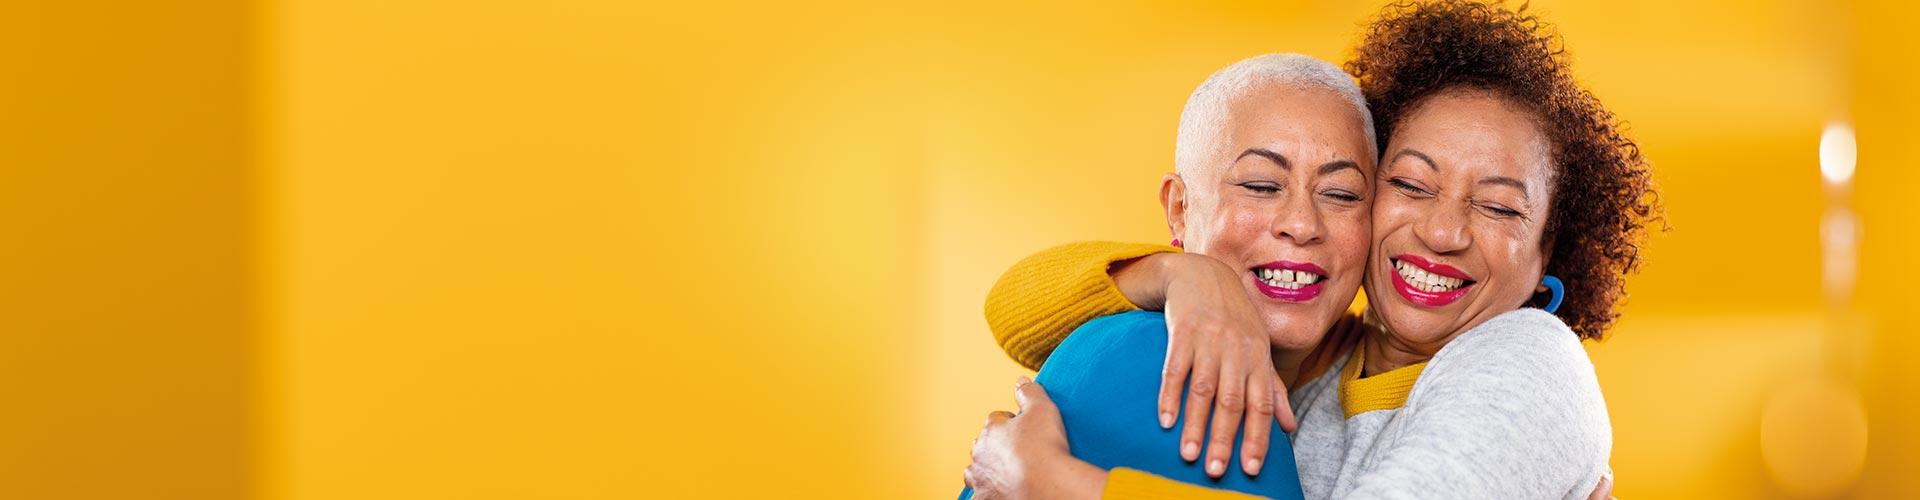 Dwie przytulające się kobiety w średnim wieku. Jedna z nich nosi zauszne aparaty słuchowe Philips HearLink.